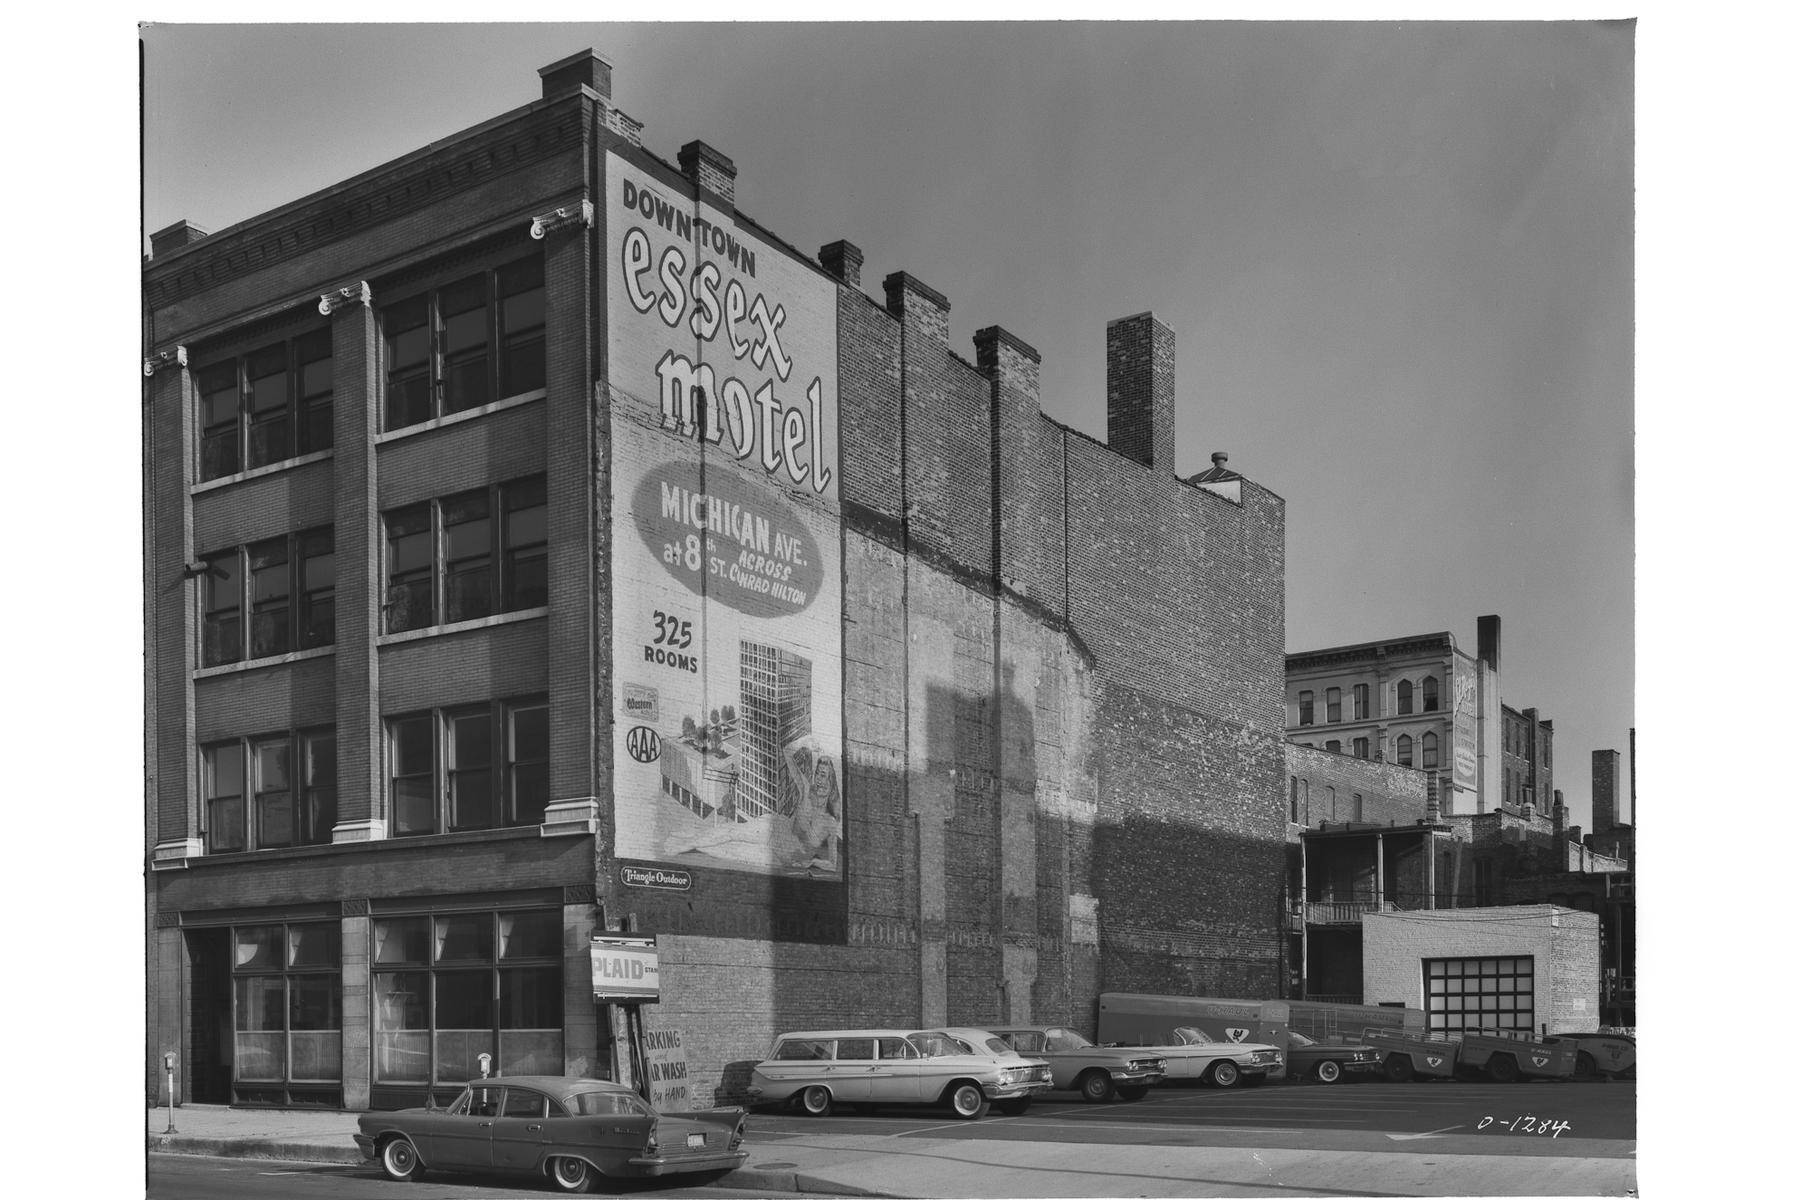 109 West Ohio Street